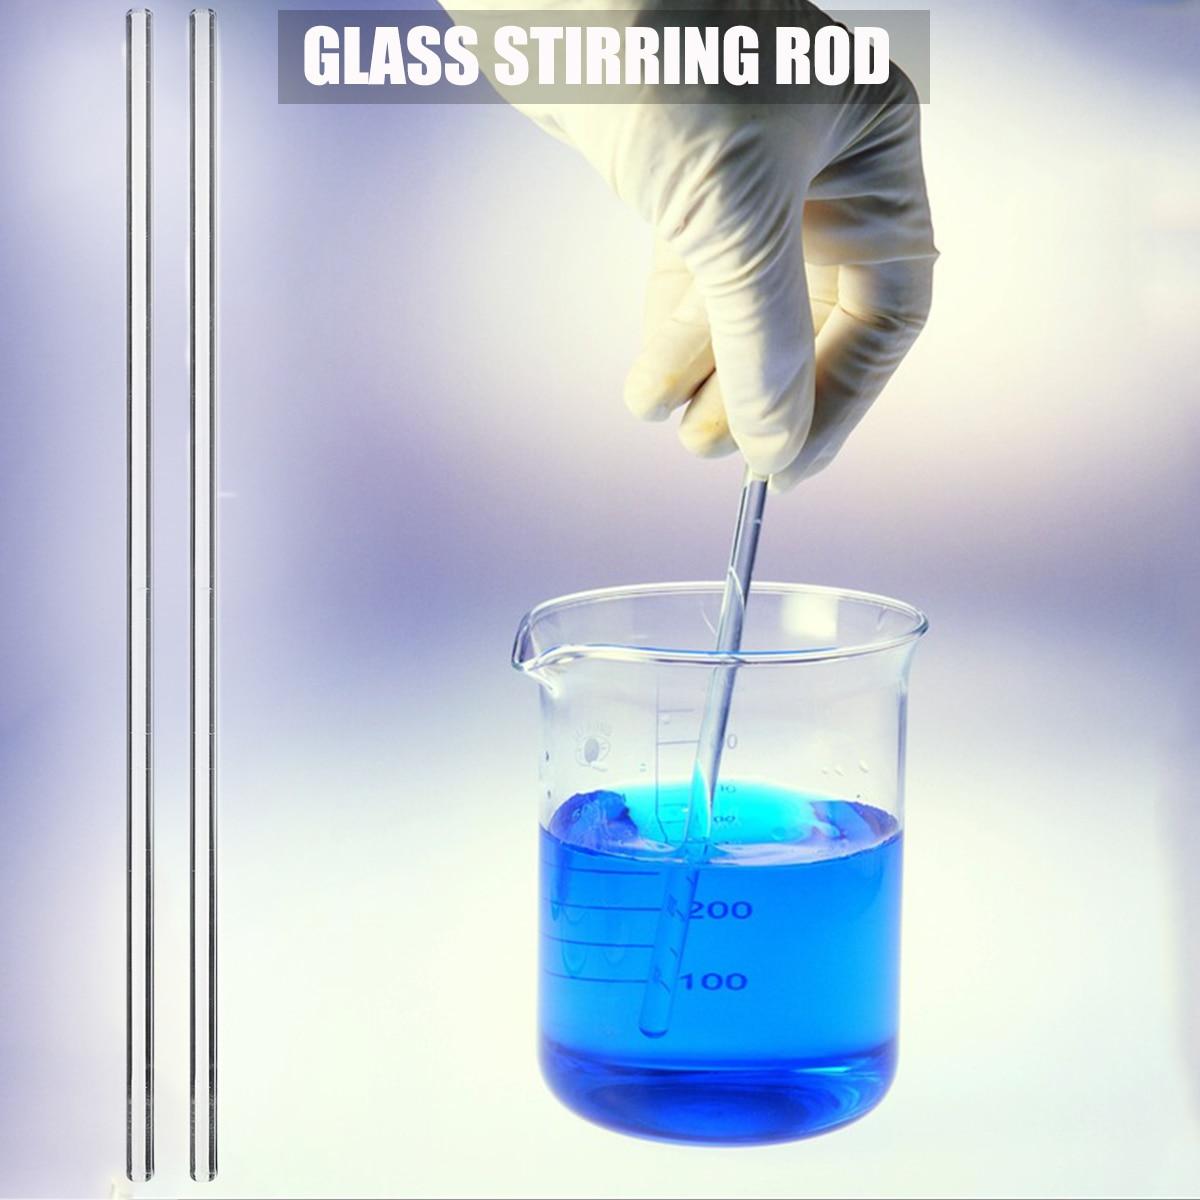 [해외]2pcs / lot 유리 Stirring 막대 250x6mm 투명 단단한 유리 Stirrer 막대 높은 붕 규산염 유리 Buret 믹서 학교 교육에 대 한/2pcs/lot Glass Stirring Rod 250x6mm Transparent Solid Glass